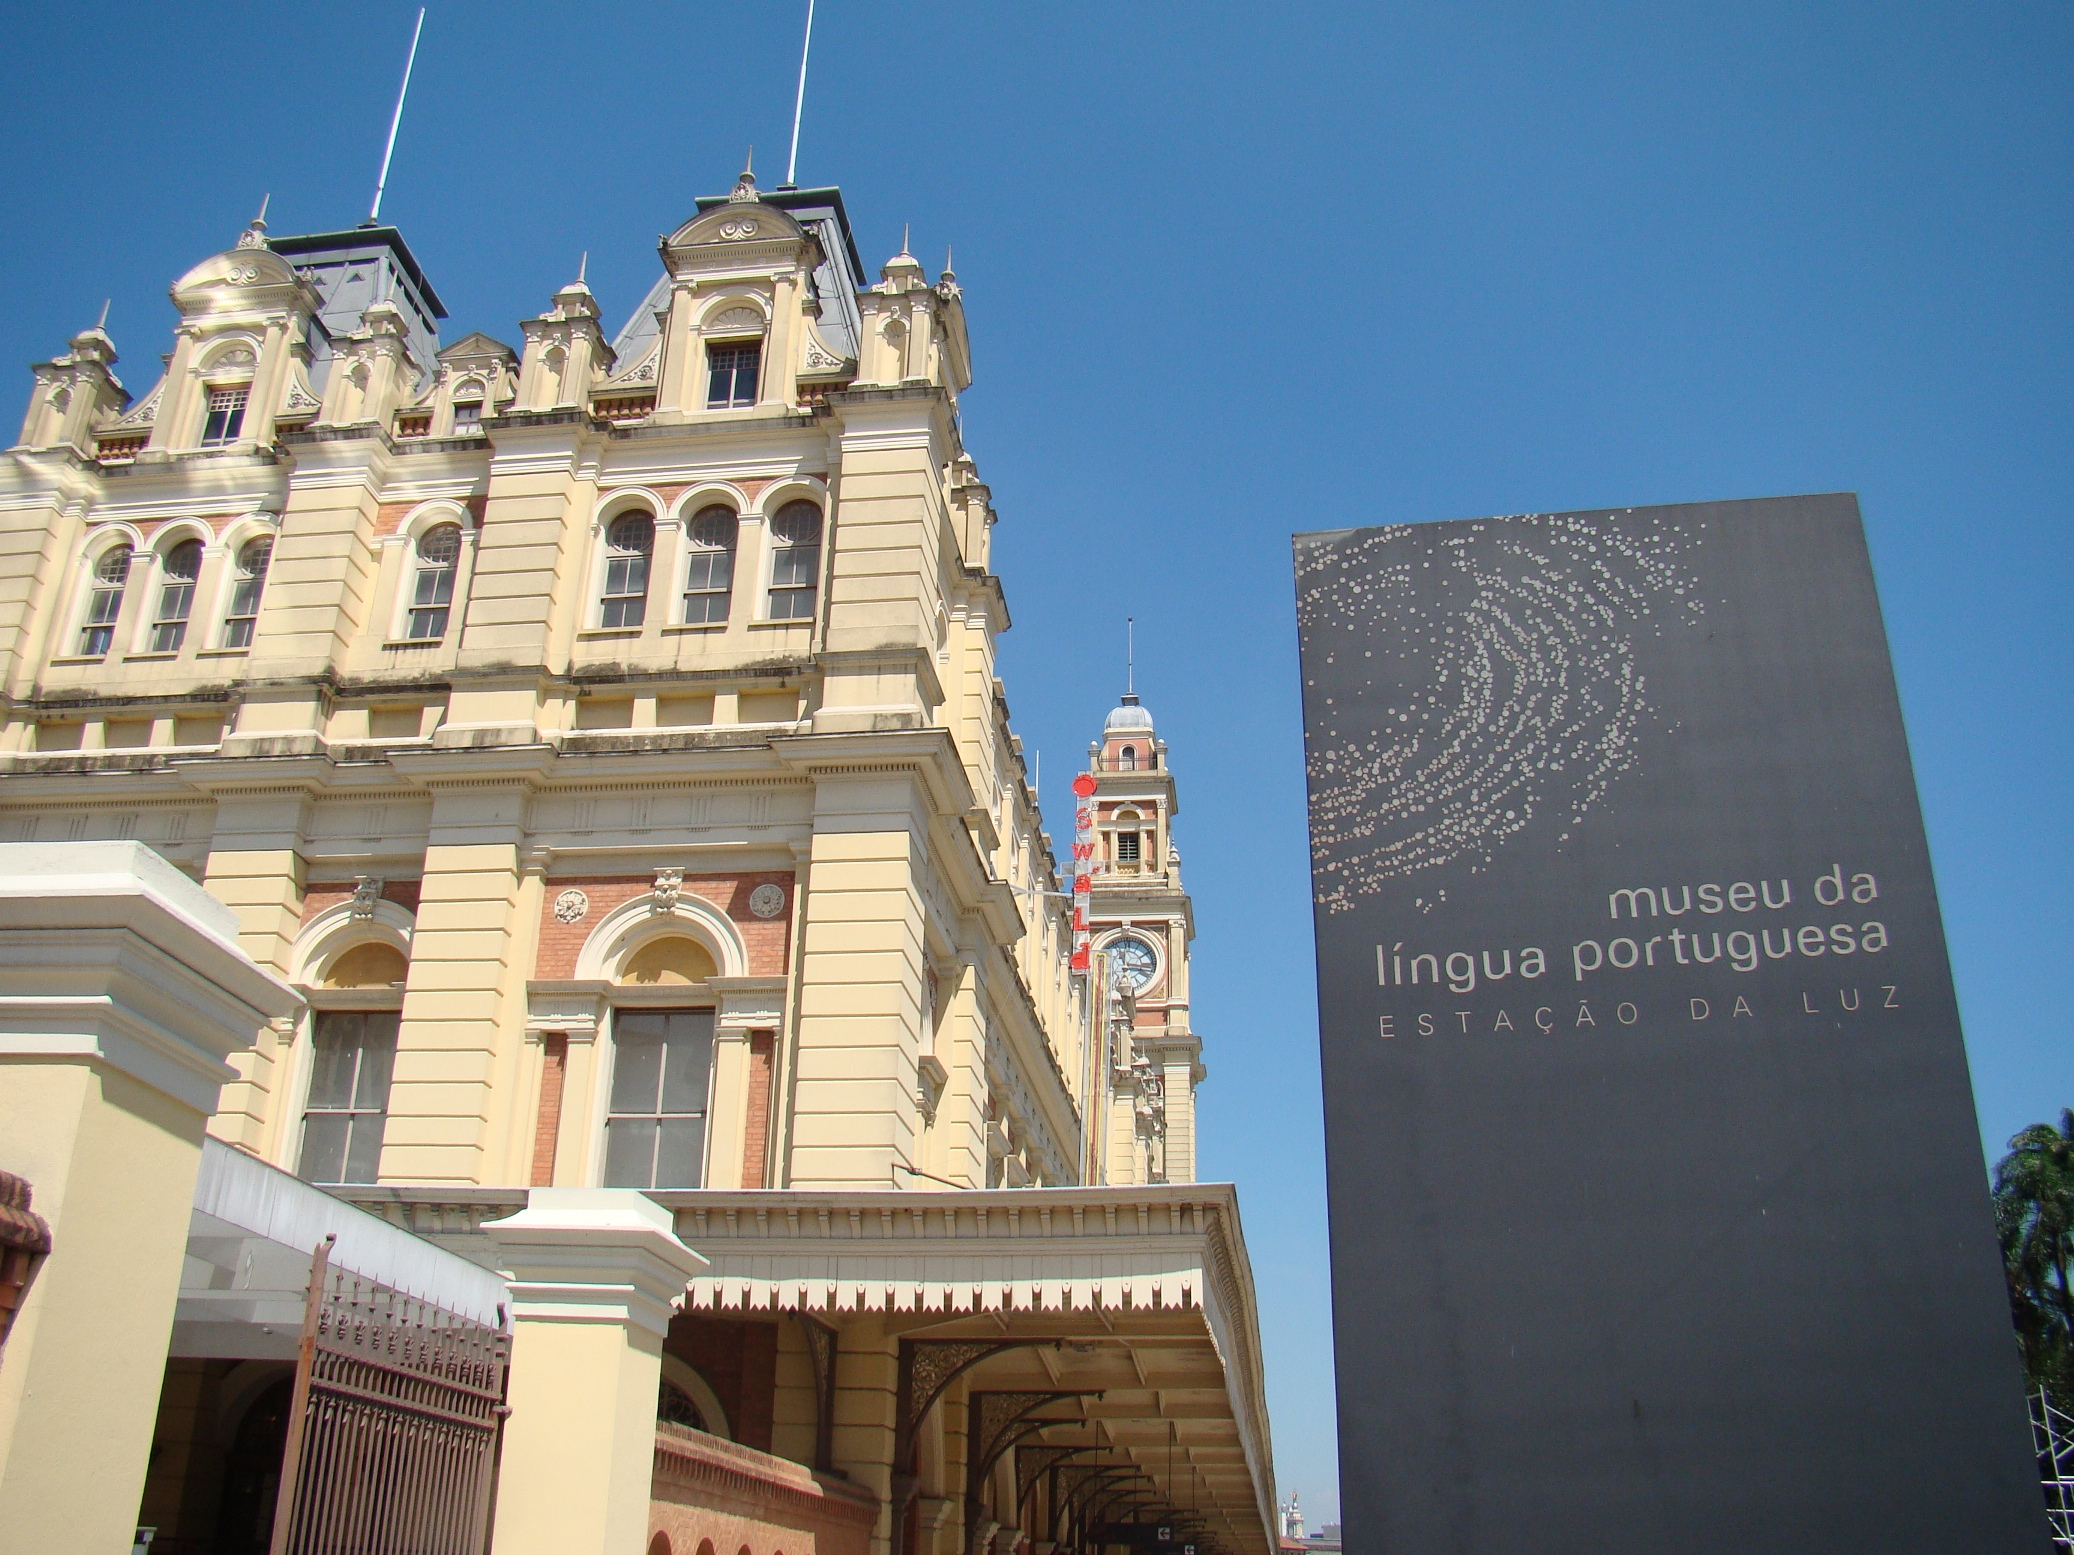 Museu-da-L-ngua-Portuguesa-Foto-Dirceu-Rodrigues-Copia